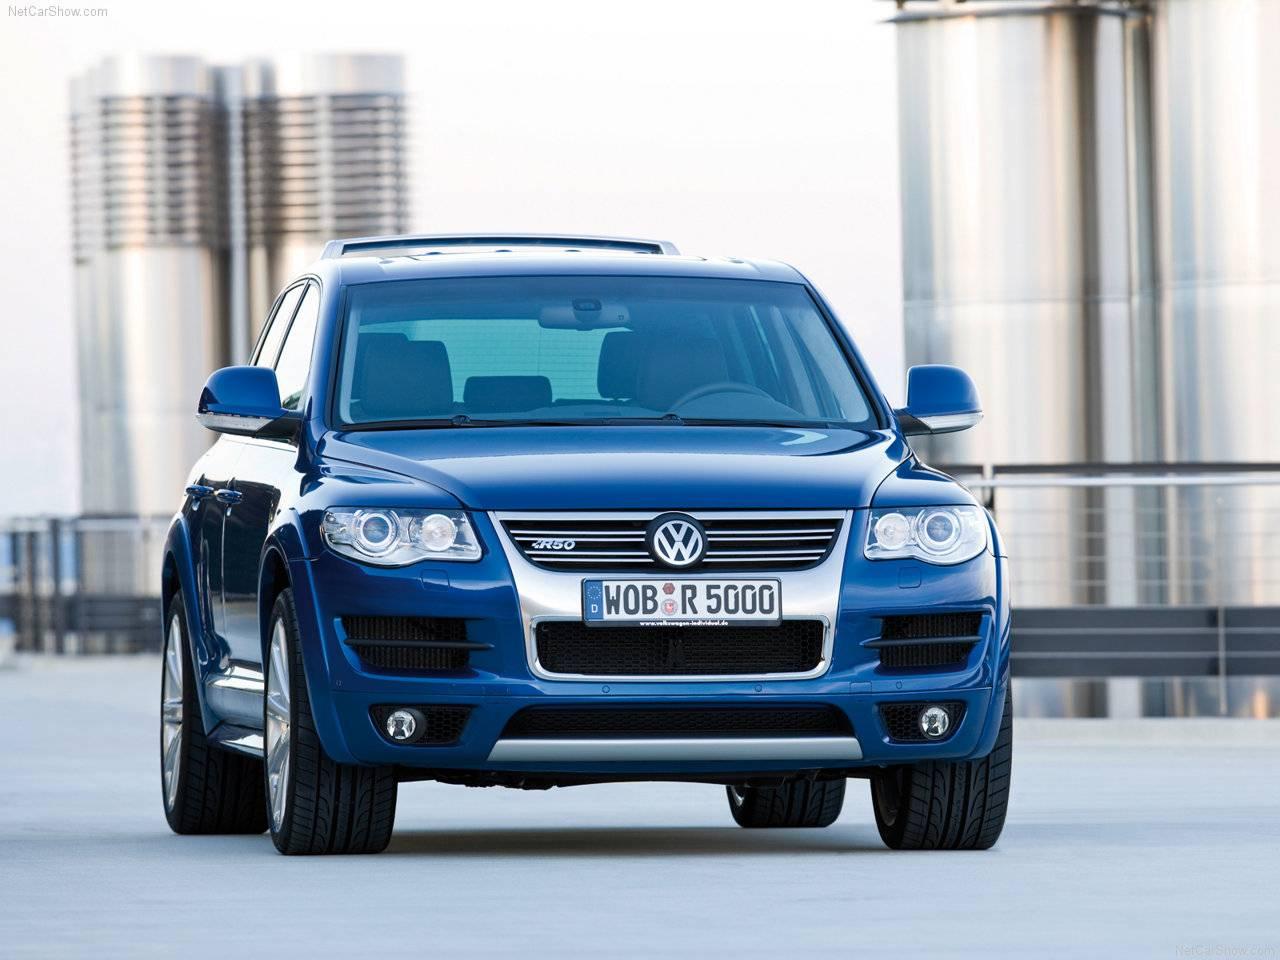 http://2.bp.blogspot.com/_lsyt_wQ2awY/TFFf0qn8EpI/AAAAAAACAFg/LIZkmeCeIf8/s1600/Volkswagen-Touareg_R50_2008_1280x960_wallpaper_03.jpg